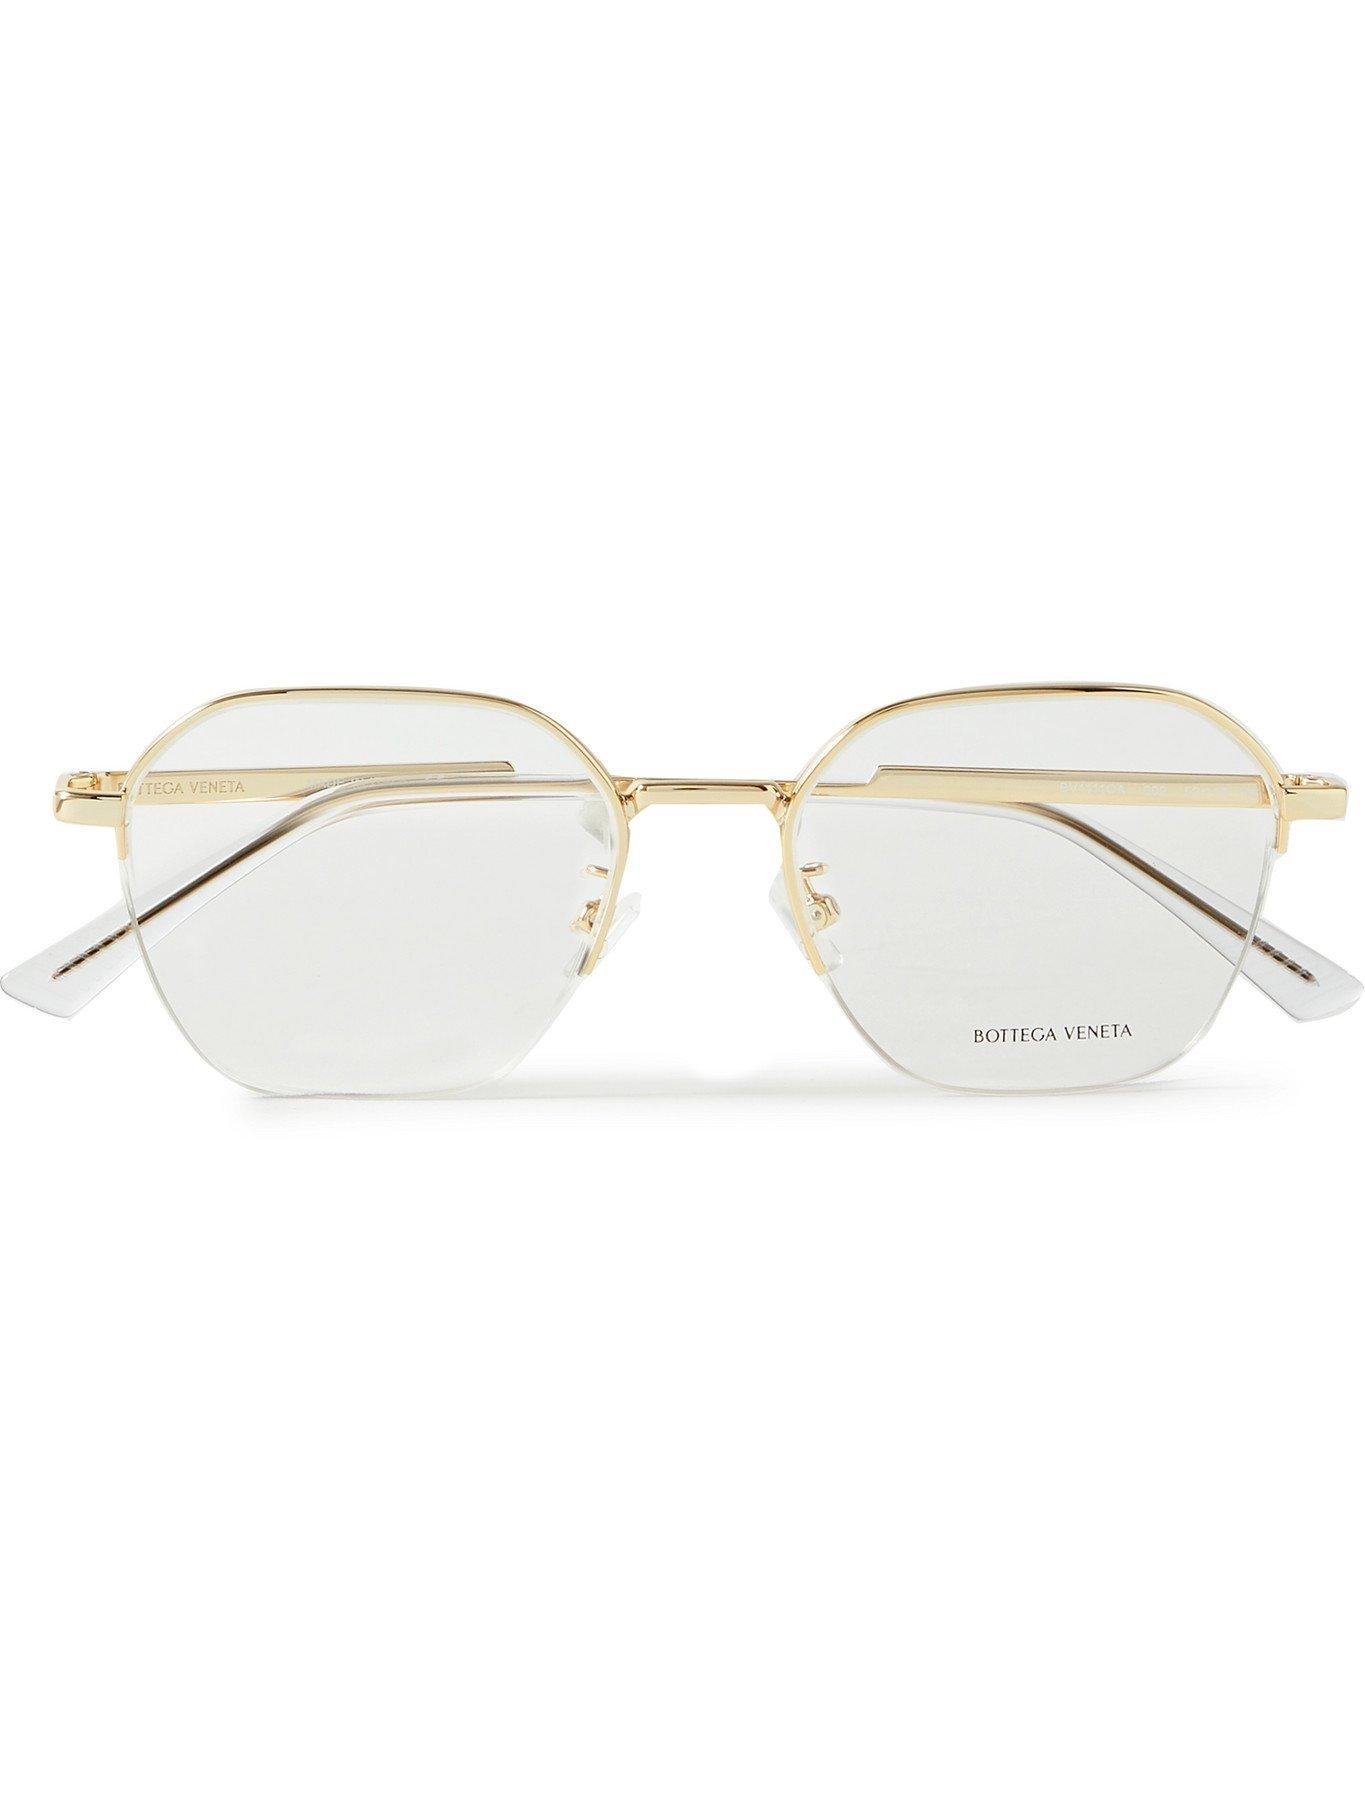 Photo: BOTTEGA VENETA - Round-Frame Gold-Tone Optical Glasses - Gold